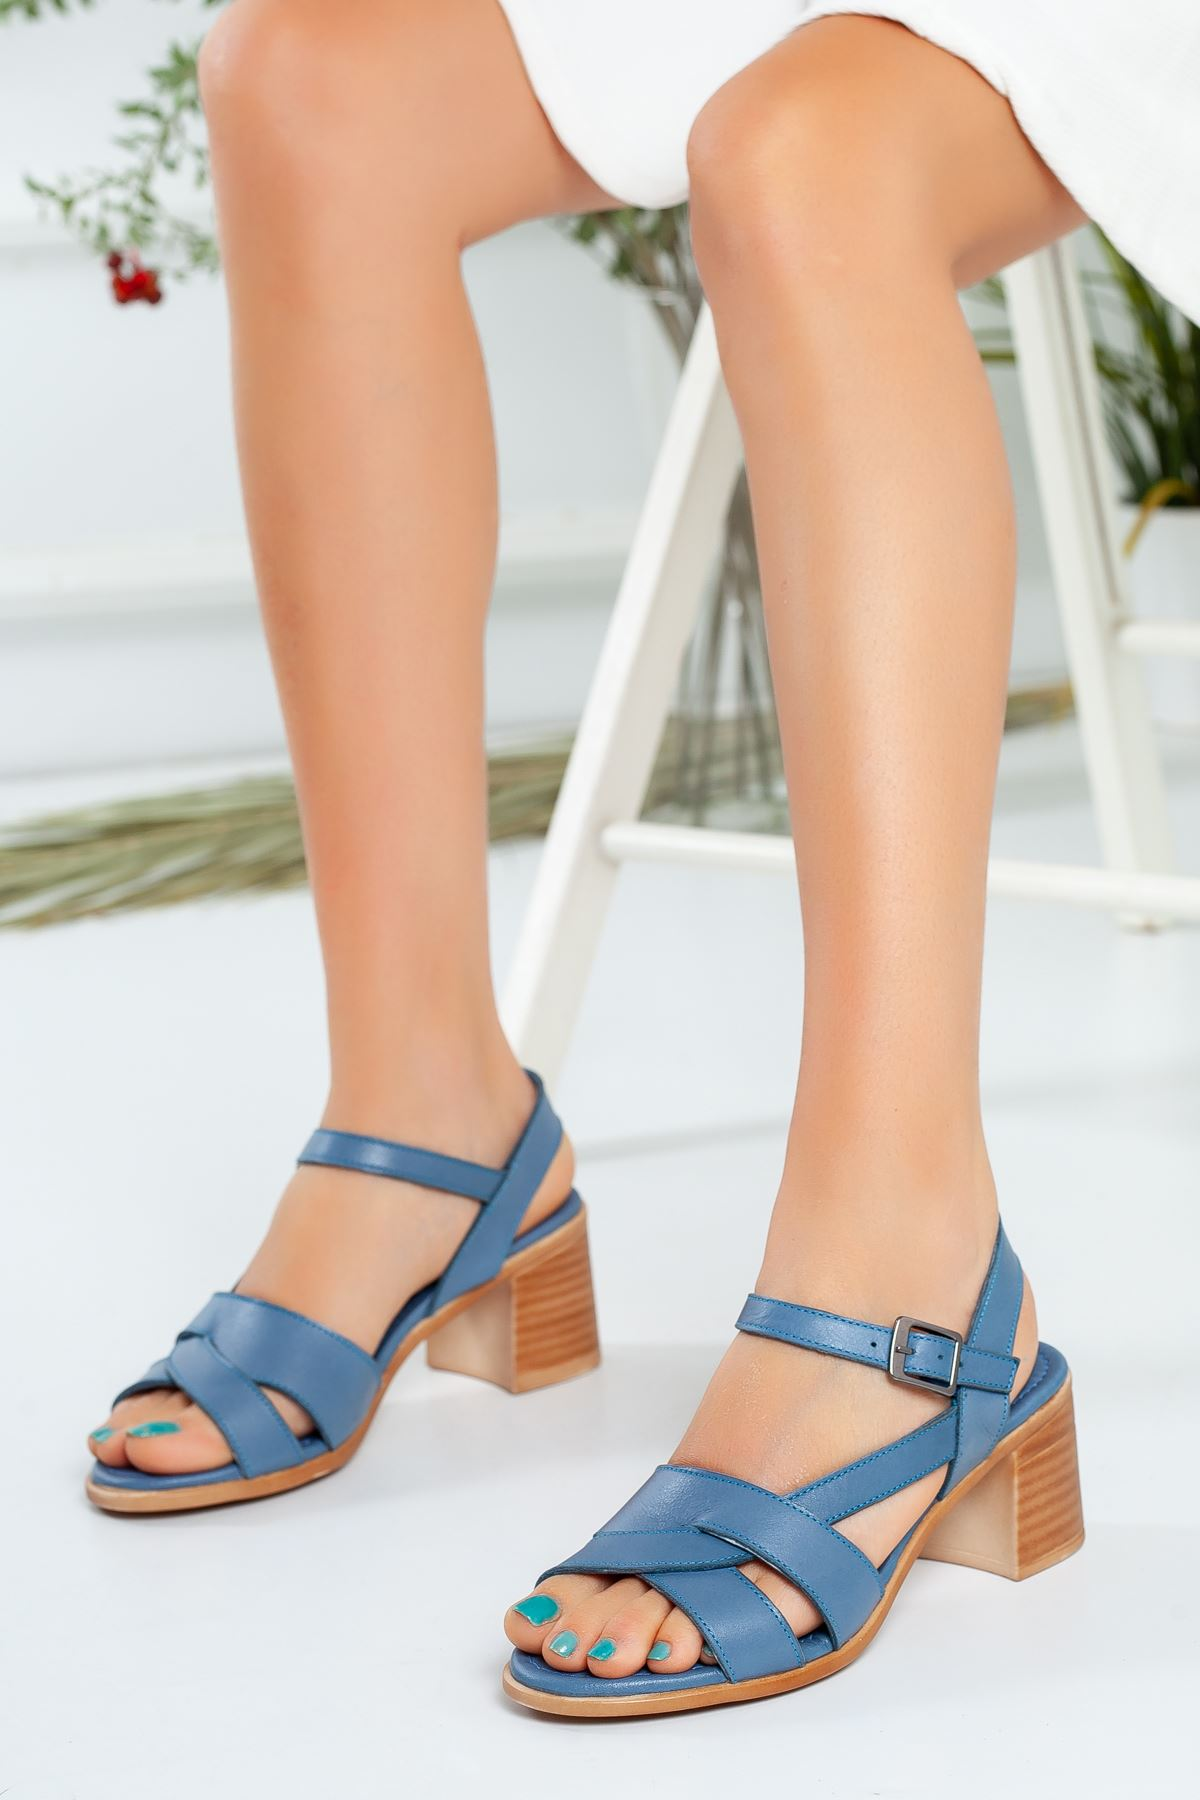 Ewin Mavi Hakiki Deri Bayan Ayakkabı